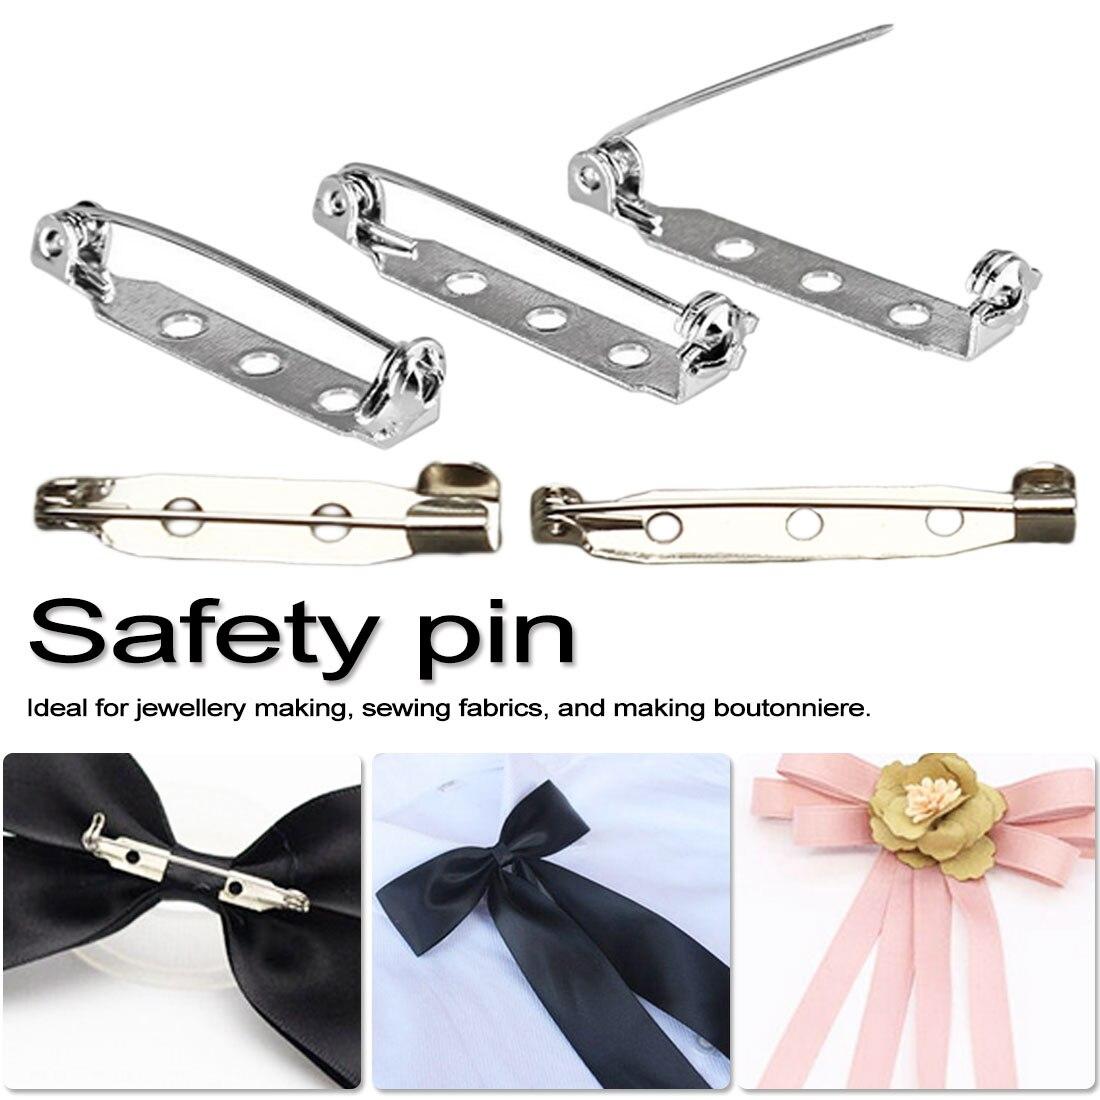 10 pçs/set/base de broche 25mm-40mm metal pinos voltar barra de volta titular emblema segurança bloqueio broche pinos diy jóias acessórios peças